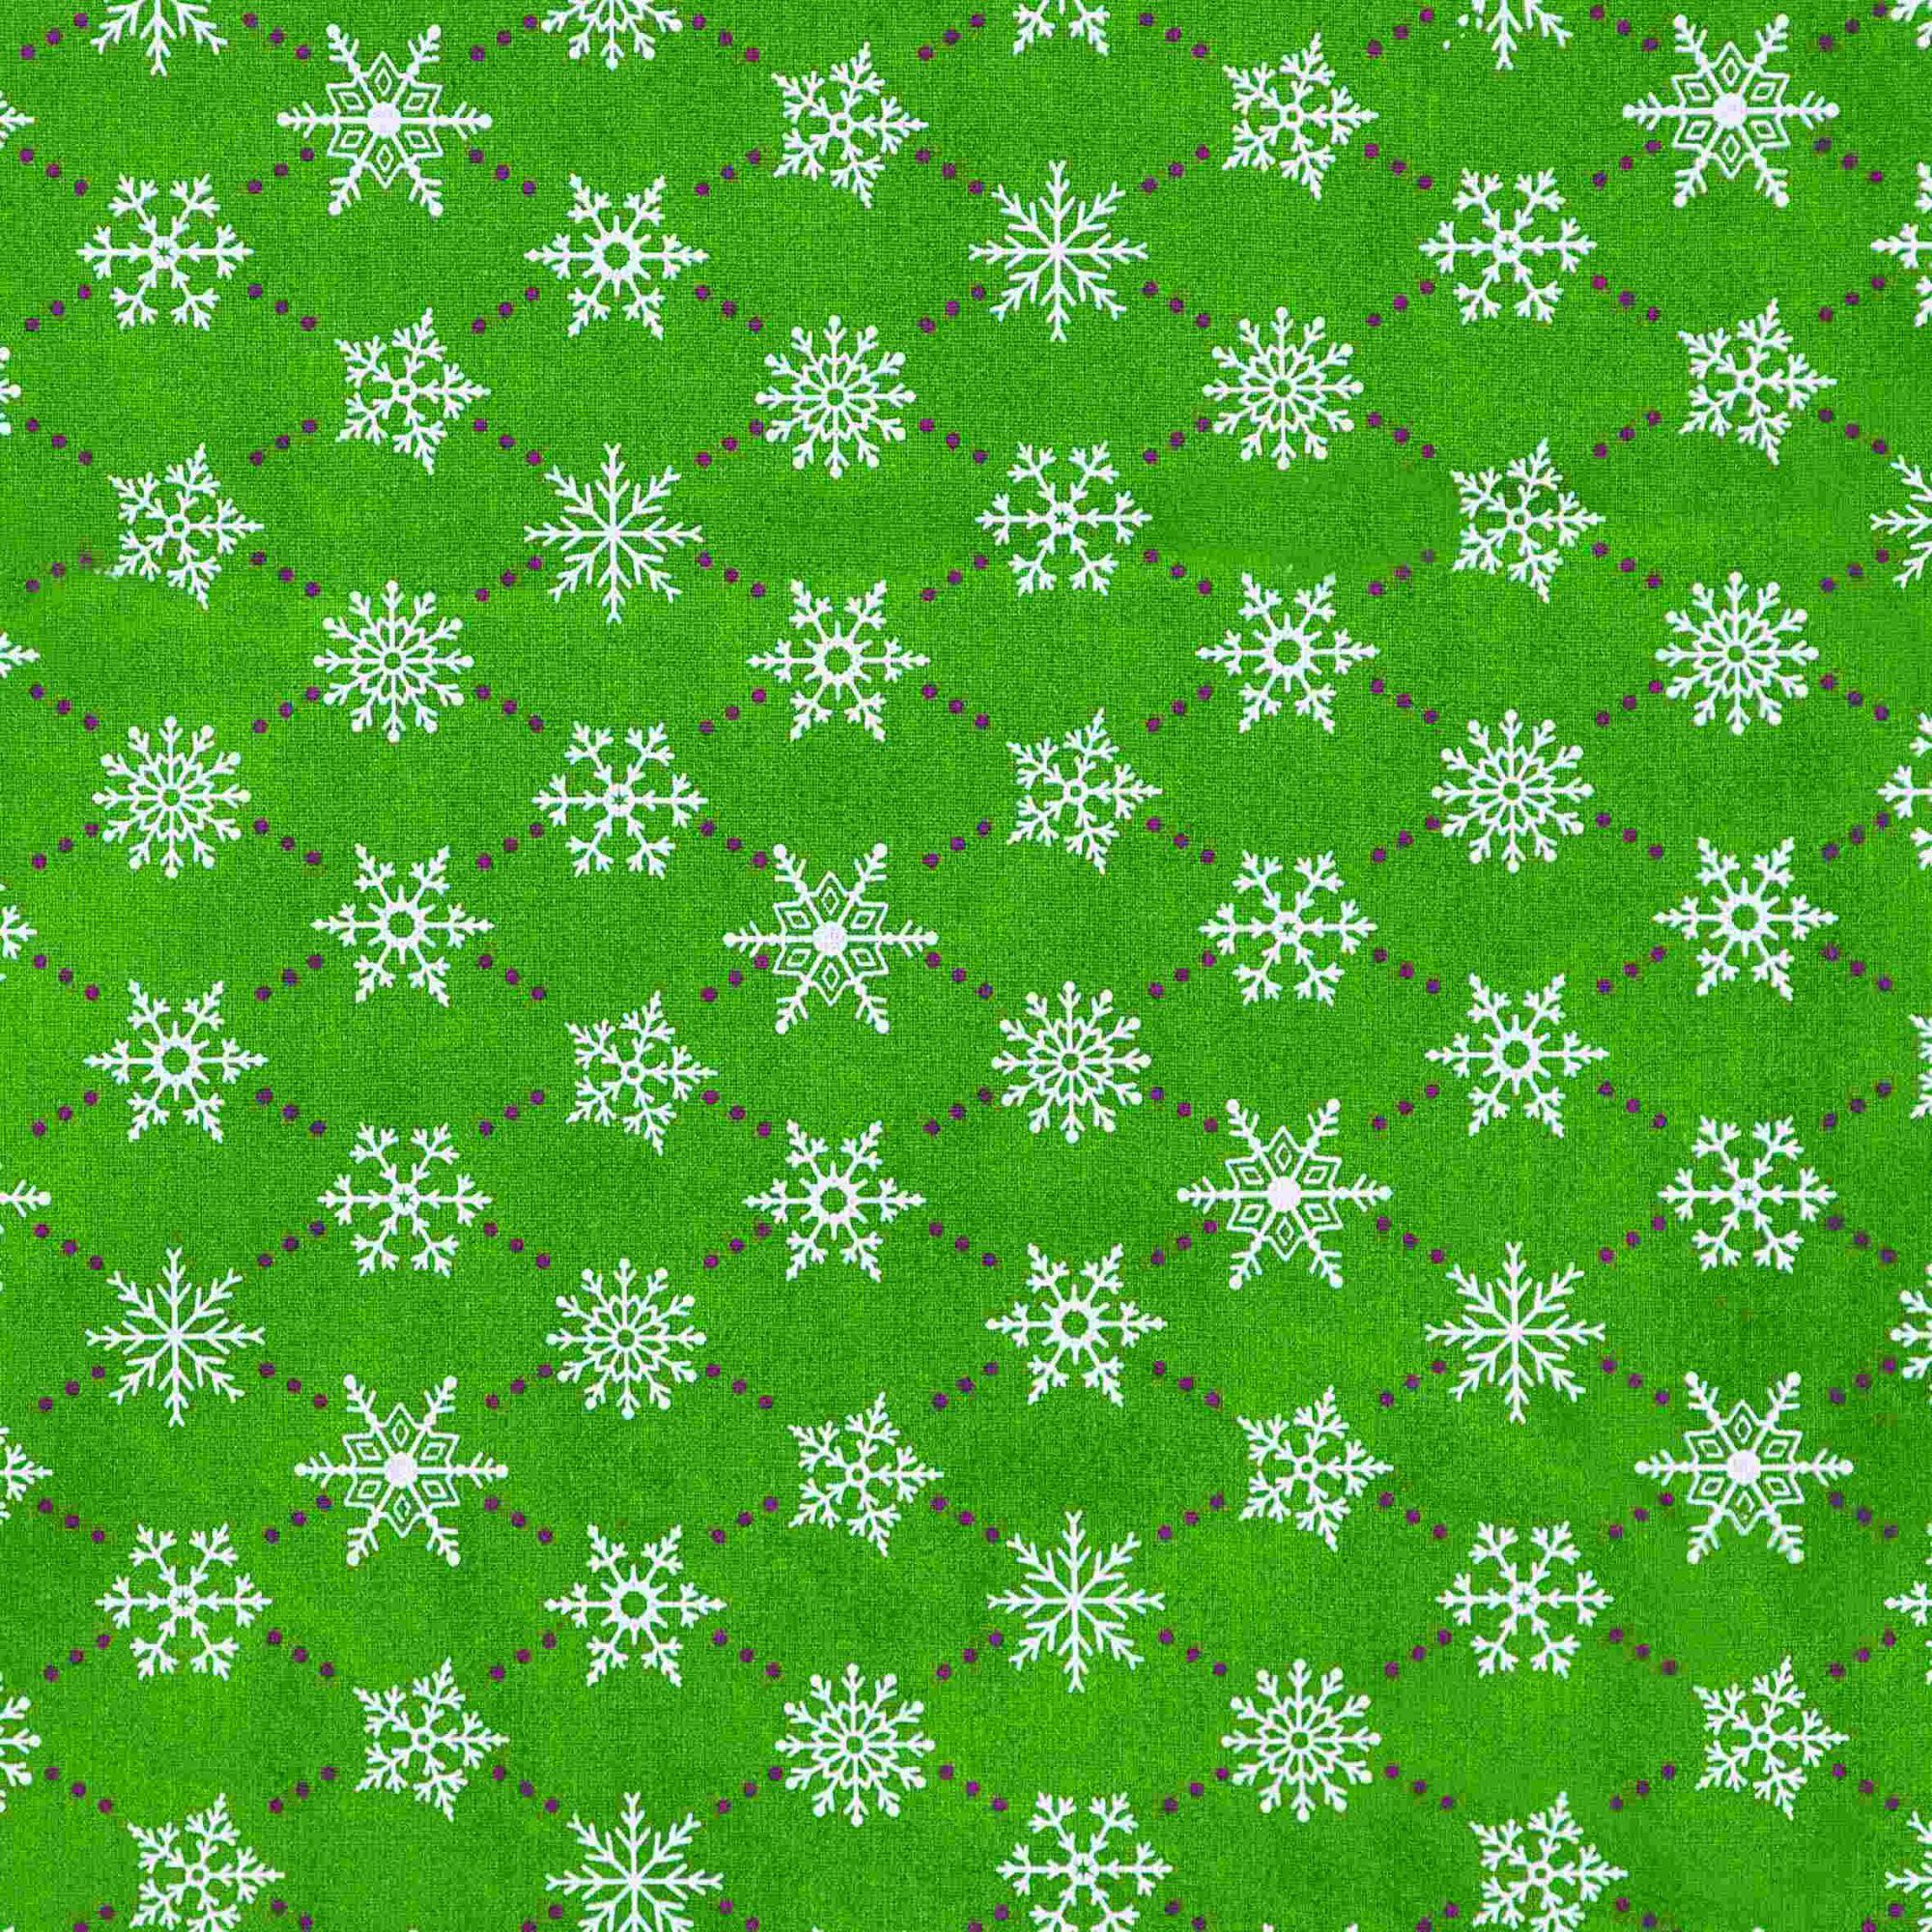 Tecido tricoline estampado dohler 100% algodão natal verde